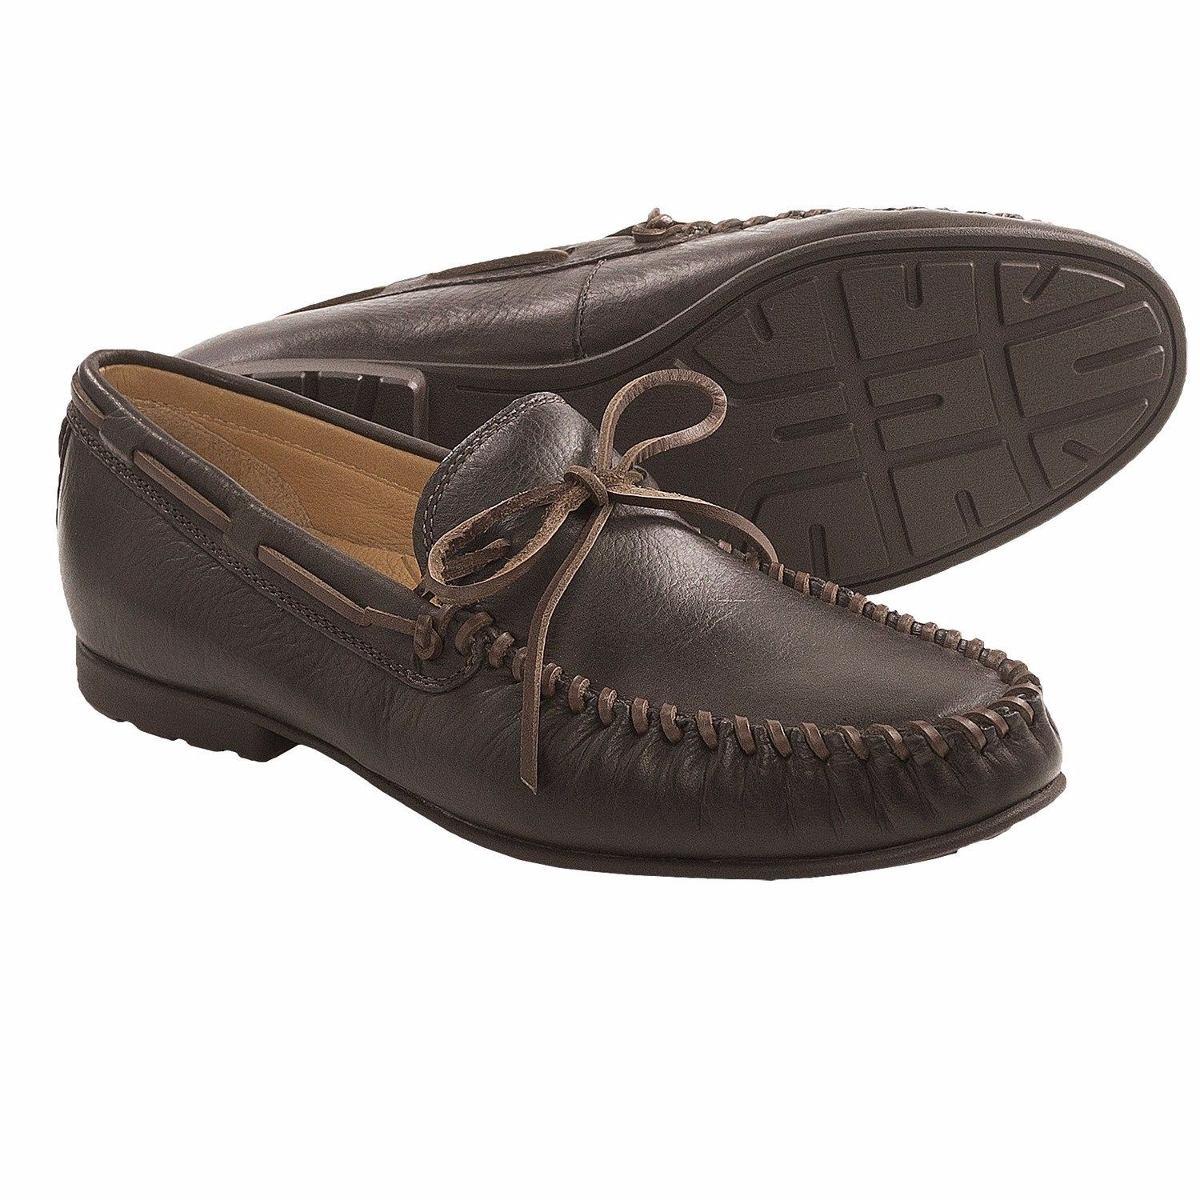 Zapatos Ugg Talla 10 - 28cms Plantilla Botas Piel De Cordero ...